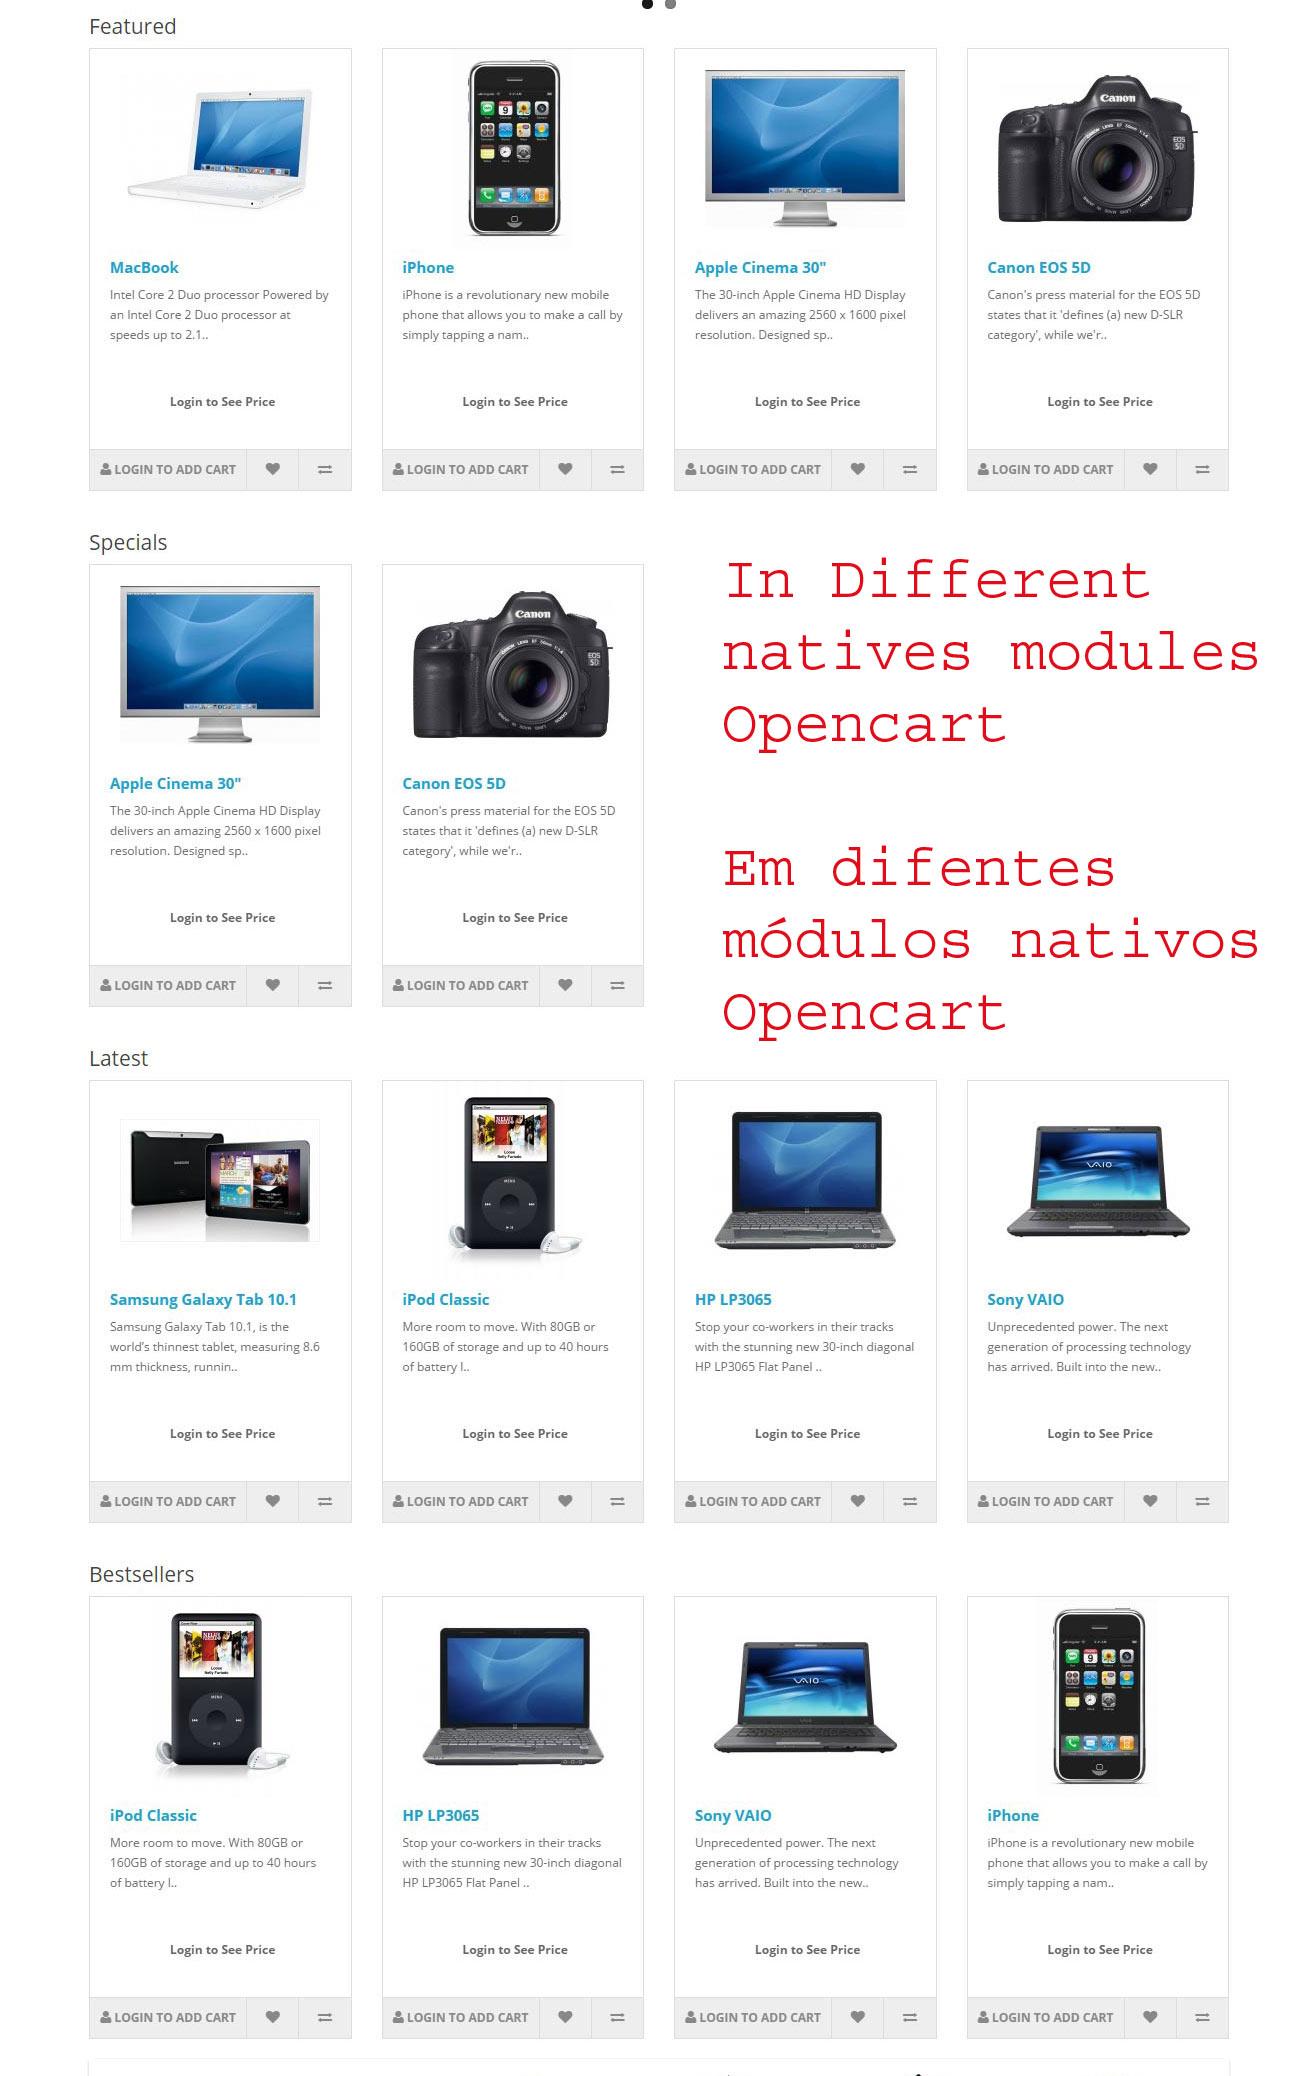 Comprar somente após logar - Opencart versão 2.X - Foto 1